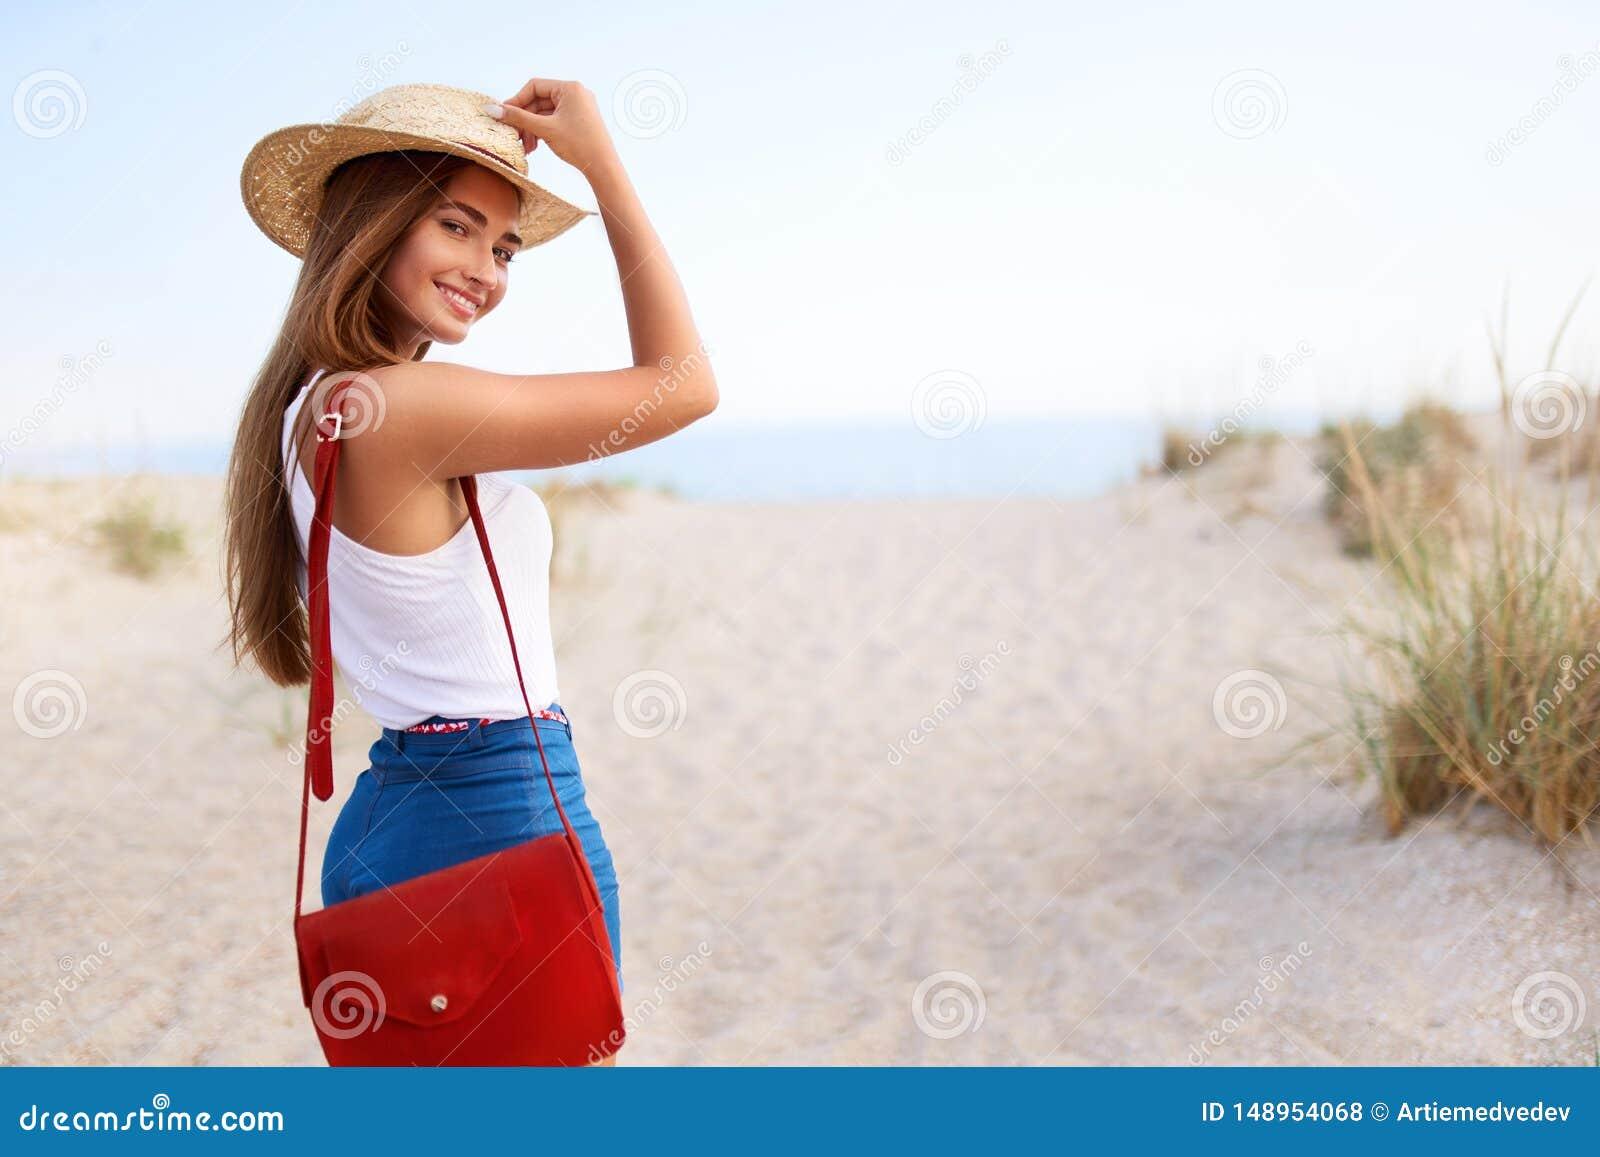 La Mujer Elegante Camina A La Playa En Sombrero De Paja Pantalones Cortos Del Dril De Algod N Del Verano Y Bolso De Moda Rojo He Foto De Archivo Imagen De Verano